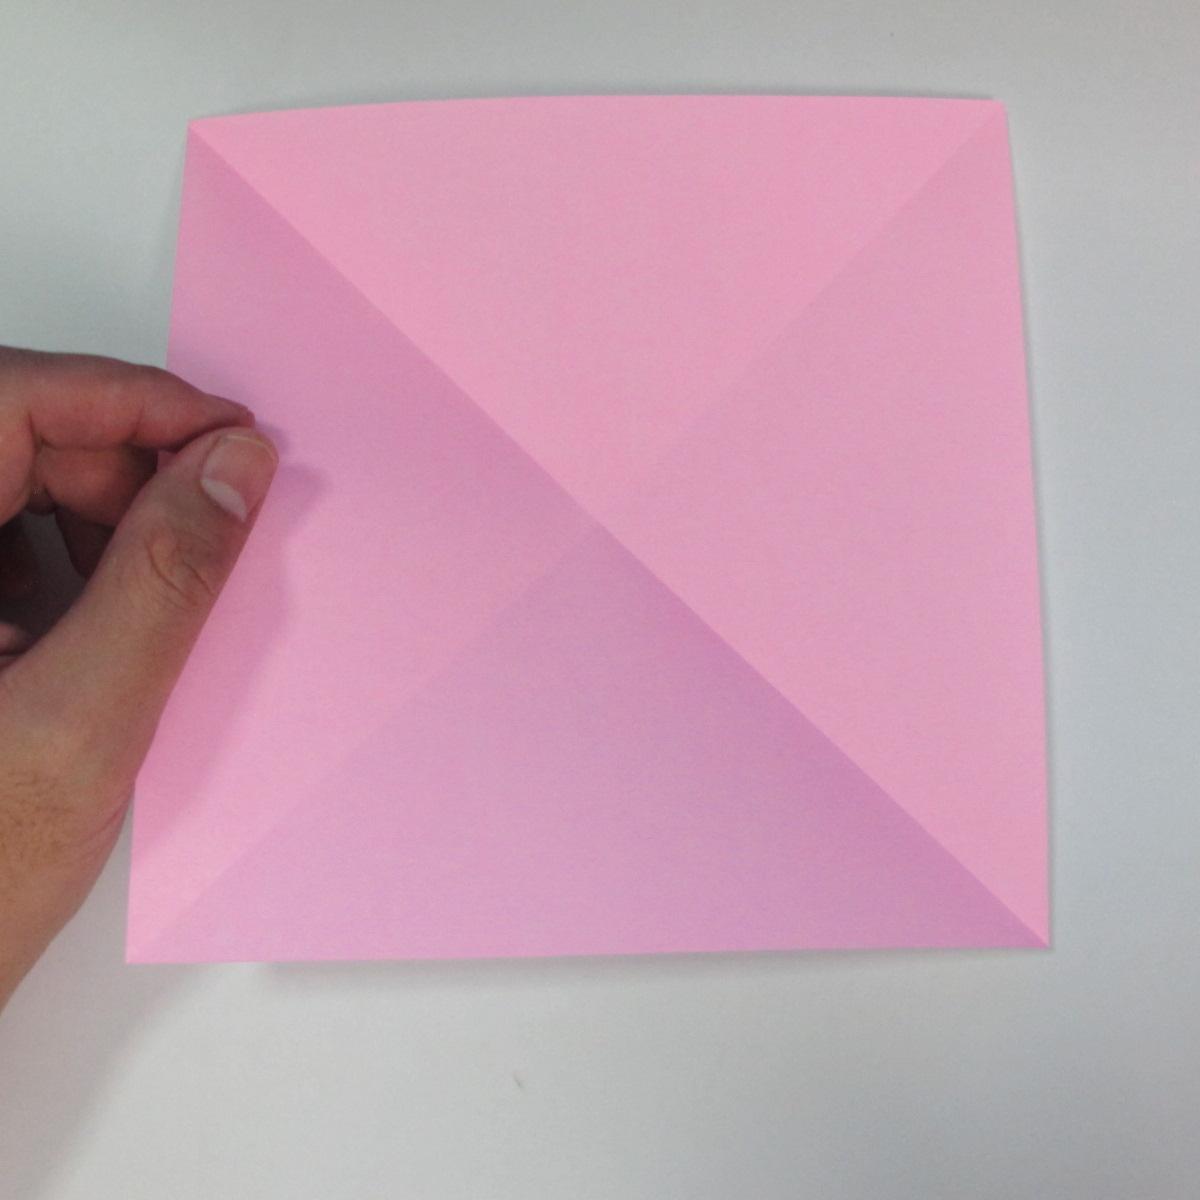 สอนการพับกระดาษเป็นลูกสุนัขชเนาเซอร์ (Origami Schnauzer Puppy) 002